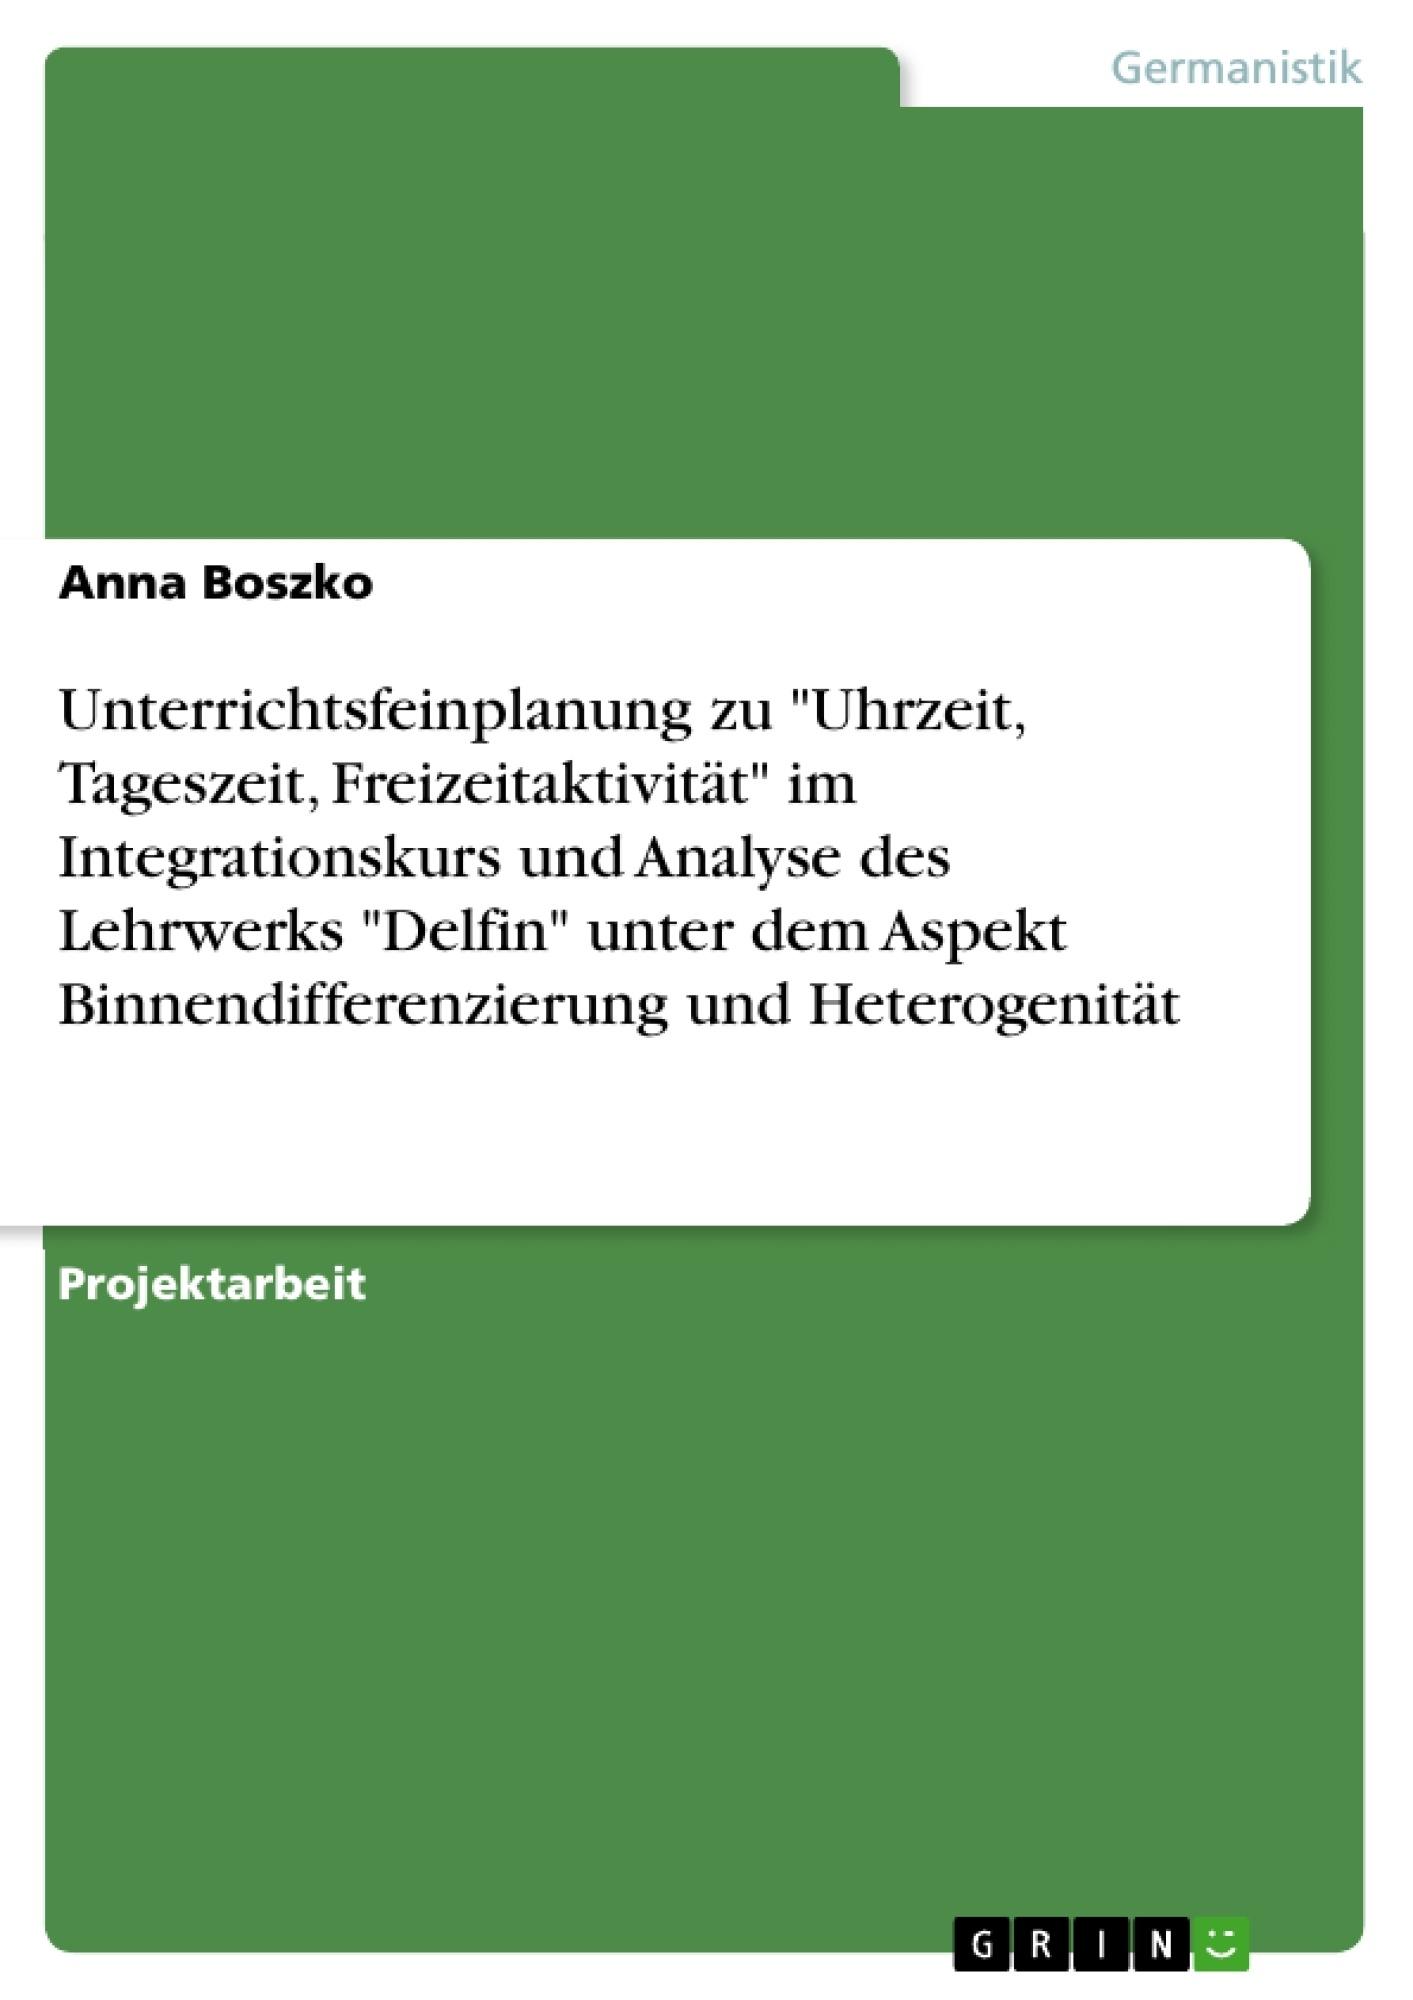 """Titel: Unterrichtsfeinplanung zu """"Uhrzeit, Tageszeit, Freizeitaktivität"""" im Integrationskurs und Analyse des Lehrwerks """"Delfin"""" unter dem Aspekt Binnendifferenzierung und Heterogenität"""